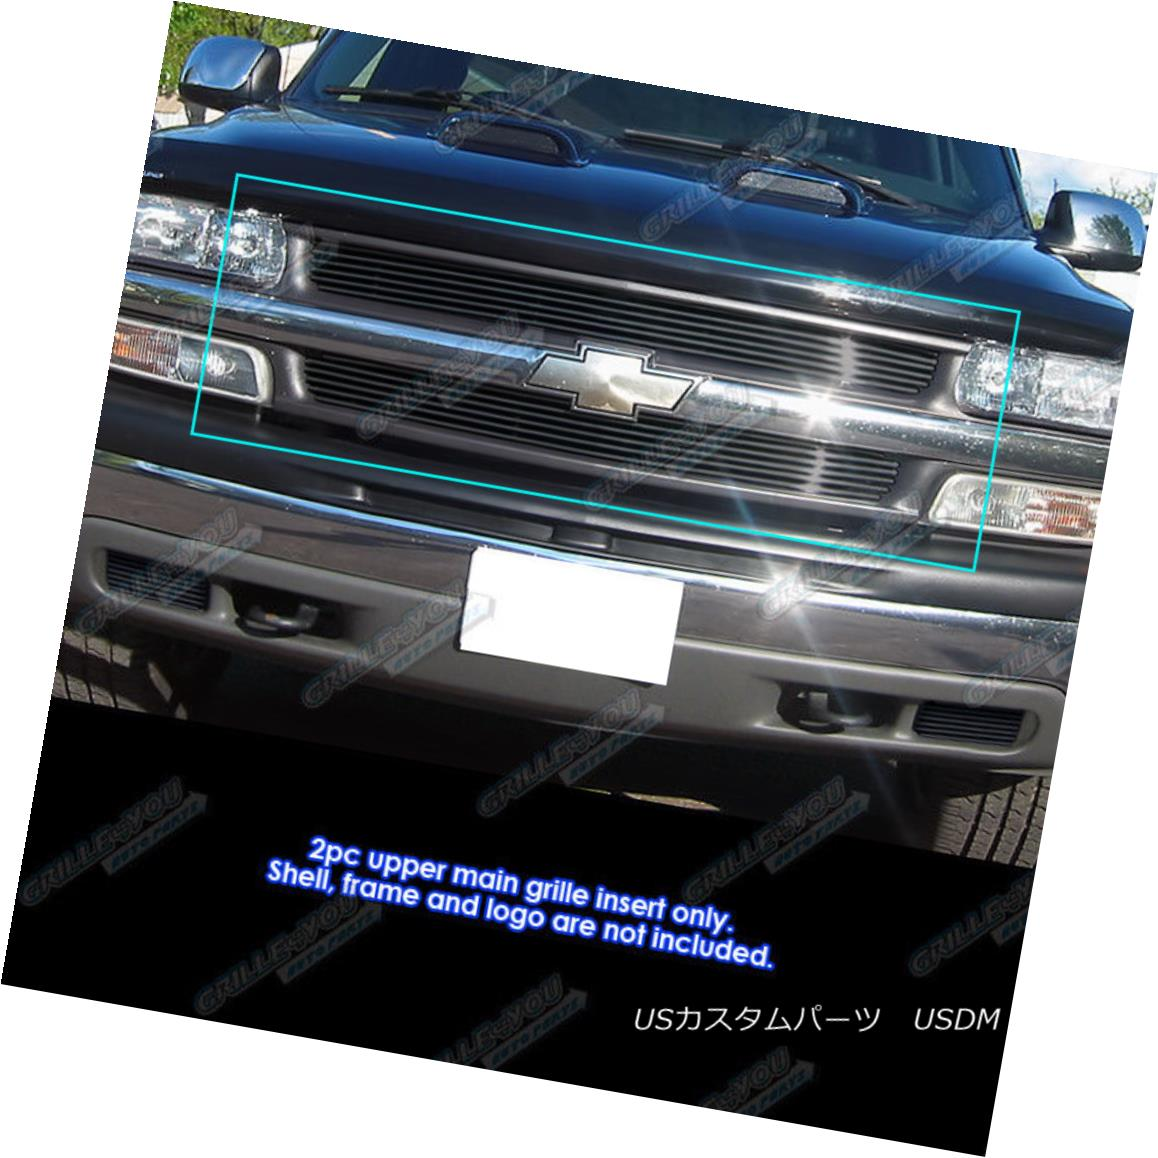 グリル Custom Fits Chevy Silverado 1500/00-06 Suburban/Tahoe Black Billet Grill カスタムフィットChevy Silverado 1500 / 00-06郊外/タホブラックビレットグリル